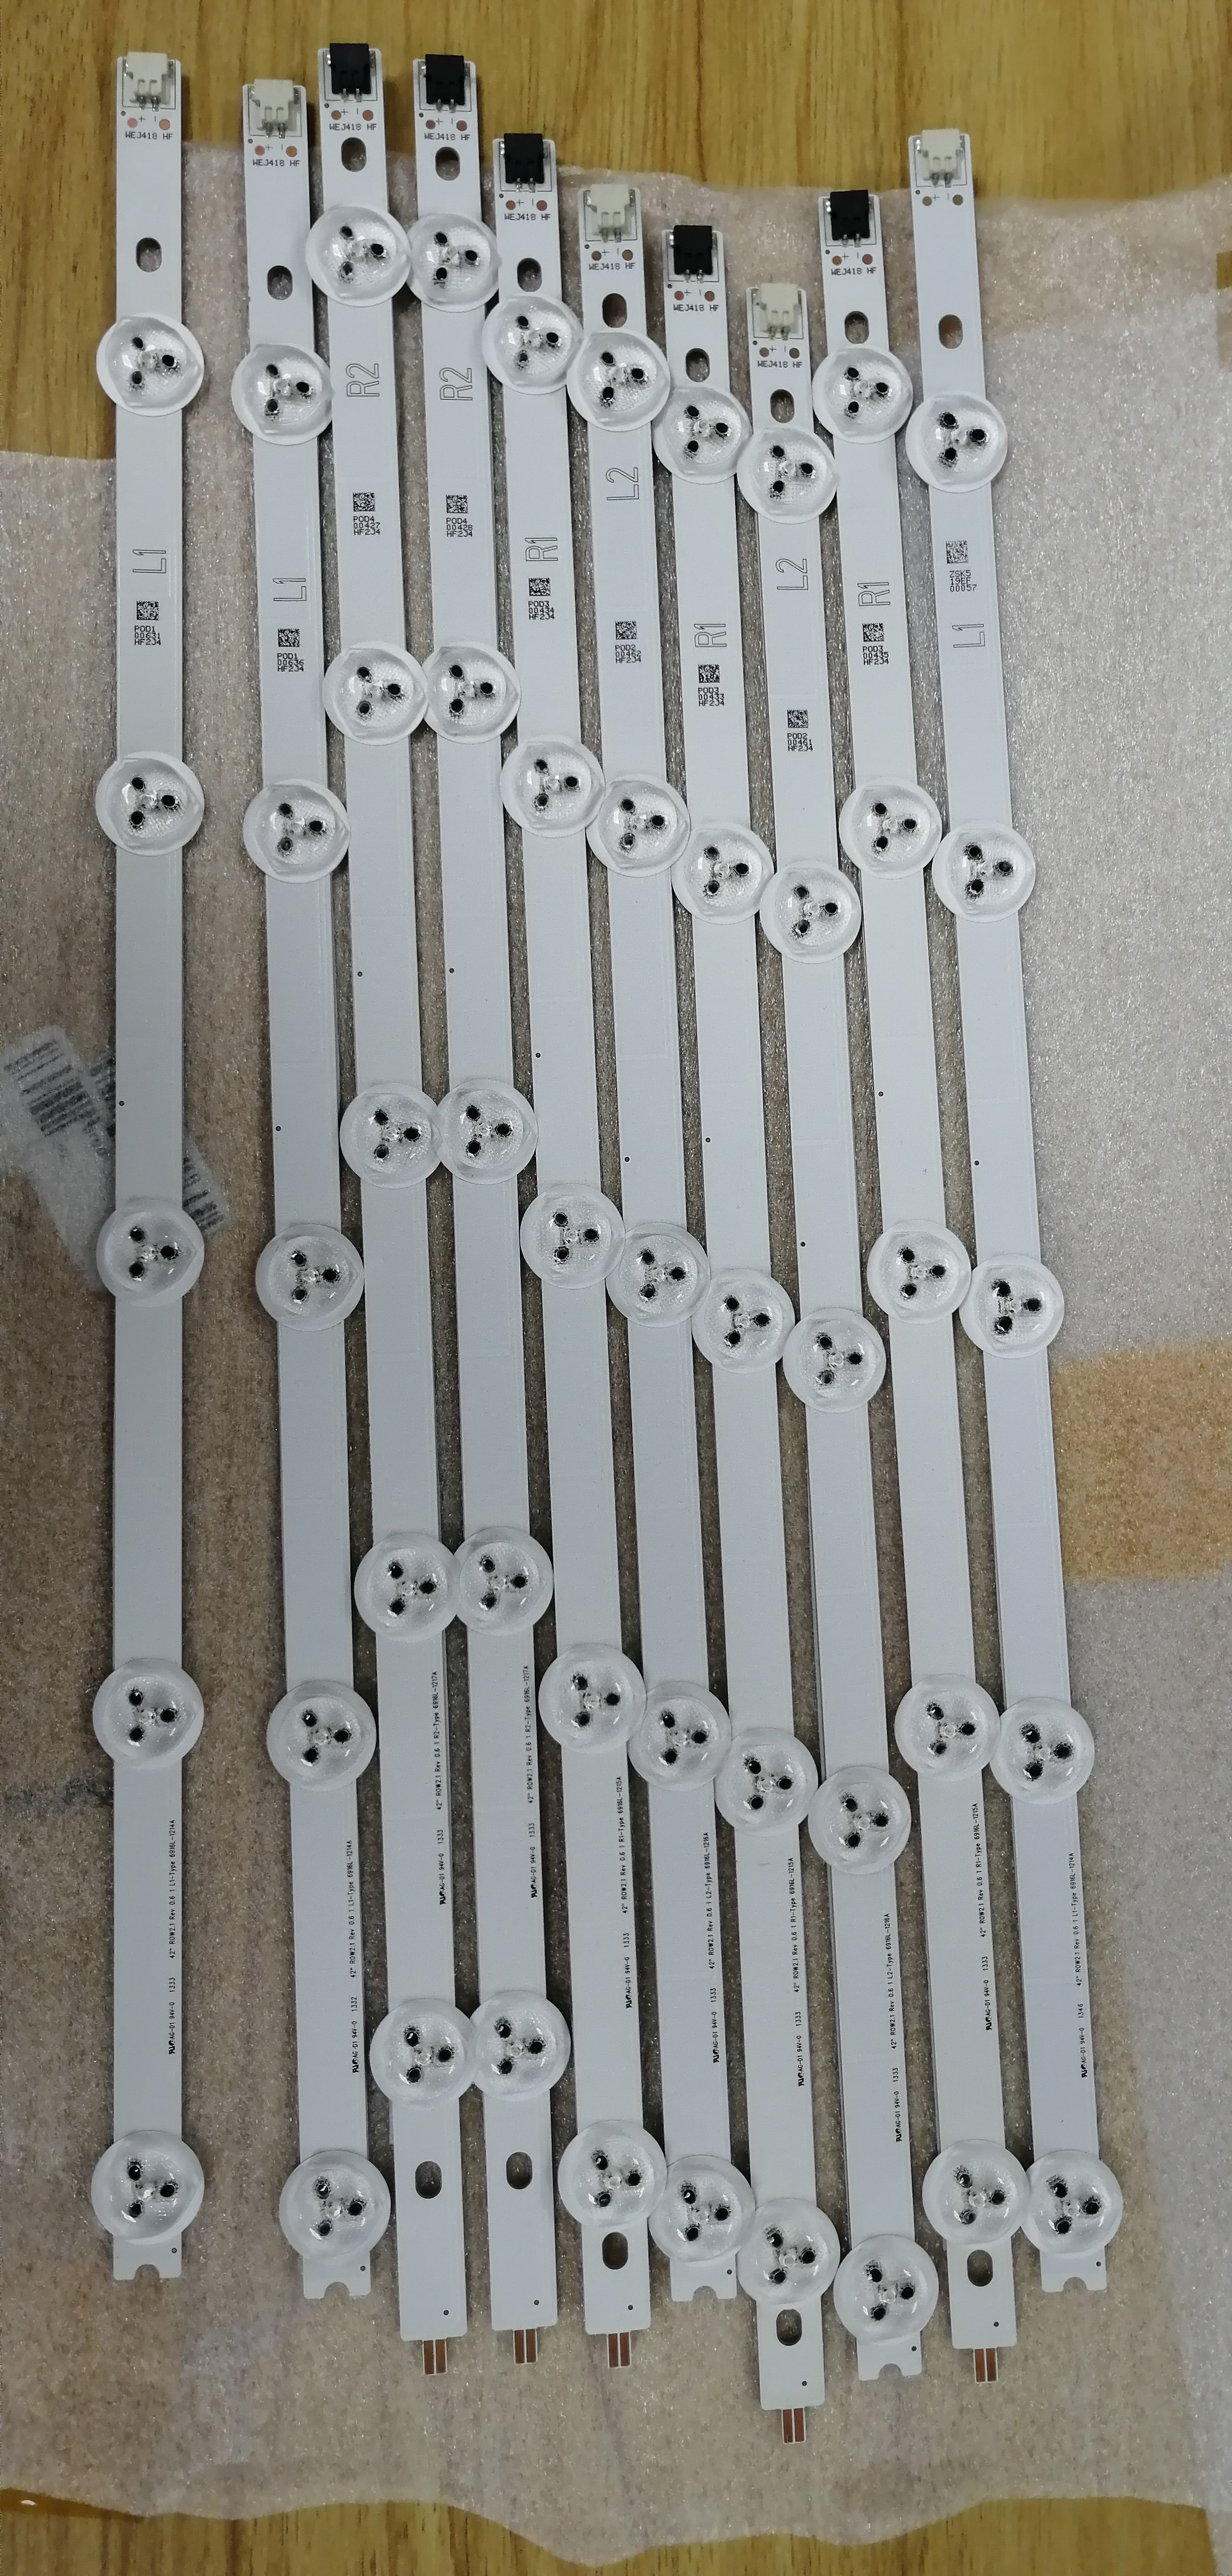 10 Uds nuevo original de circuitos 6916L-1338A 6916L-1339A 6916L-1340A 6916L-1341A 42 GLB